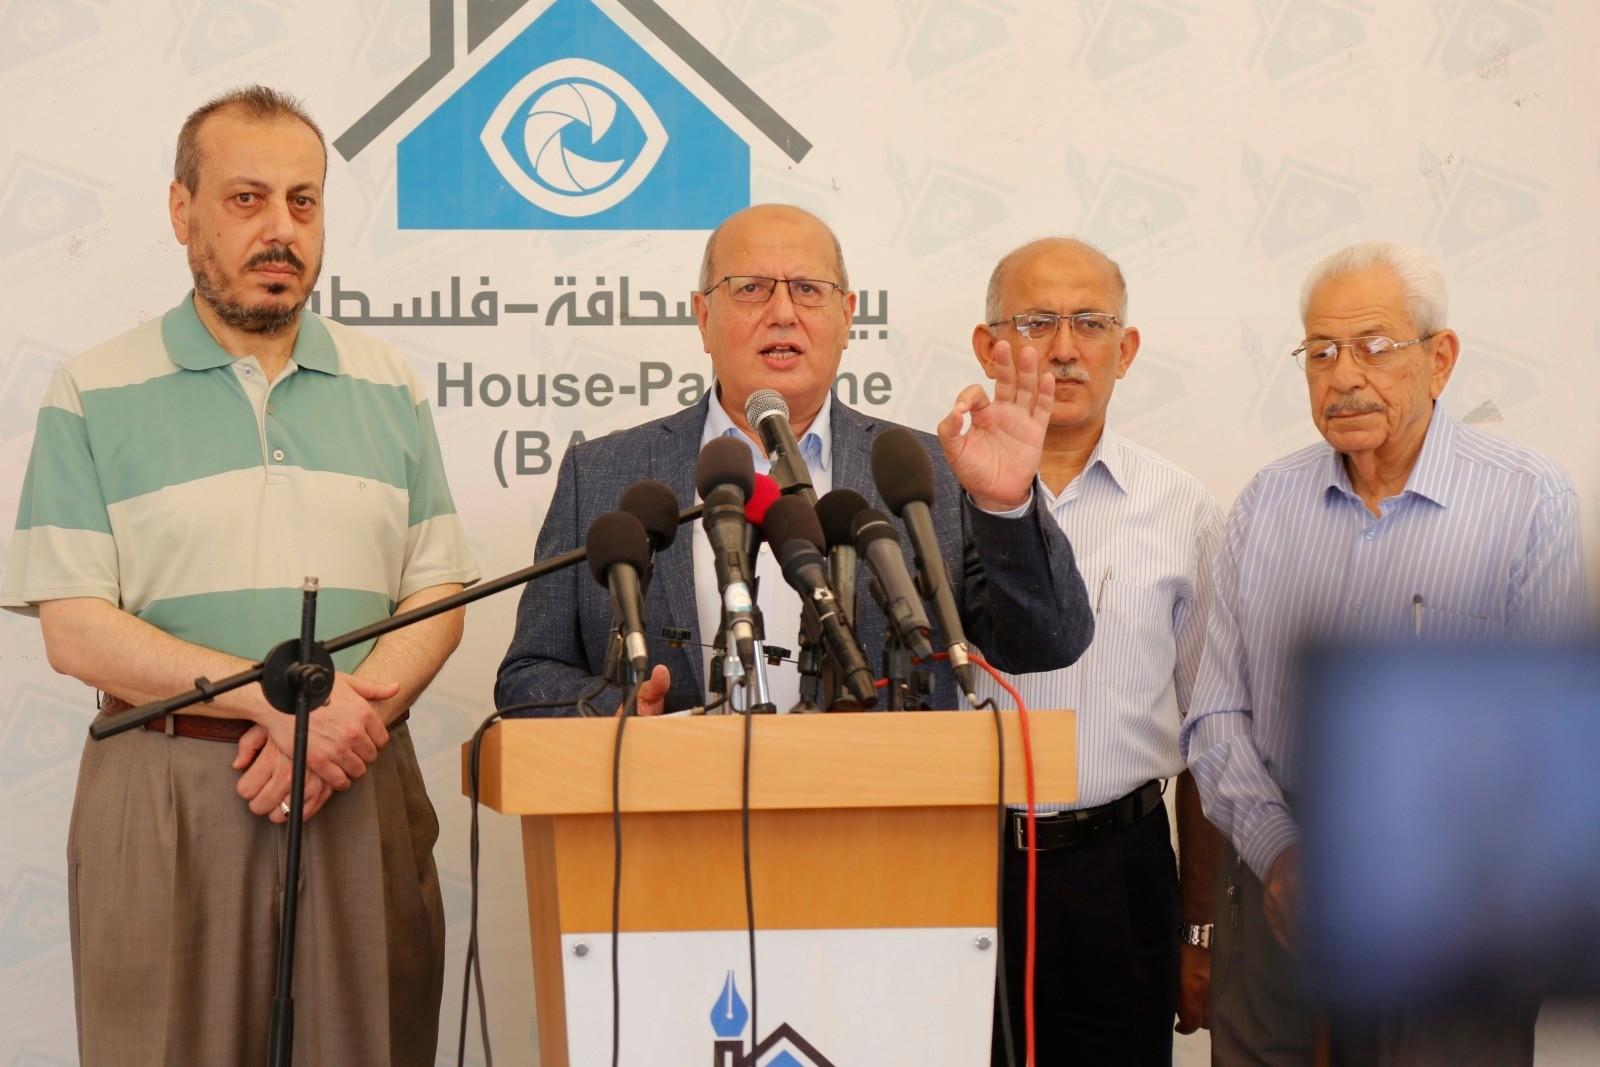 النائب المستقل جمال الخضري رئيس اللجنة الشعبية لمواجهة الحصار